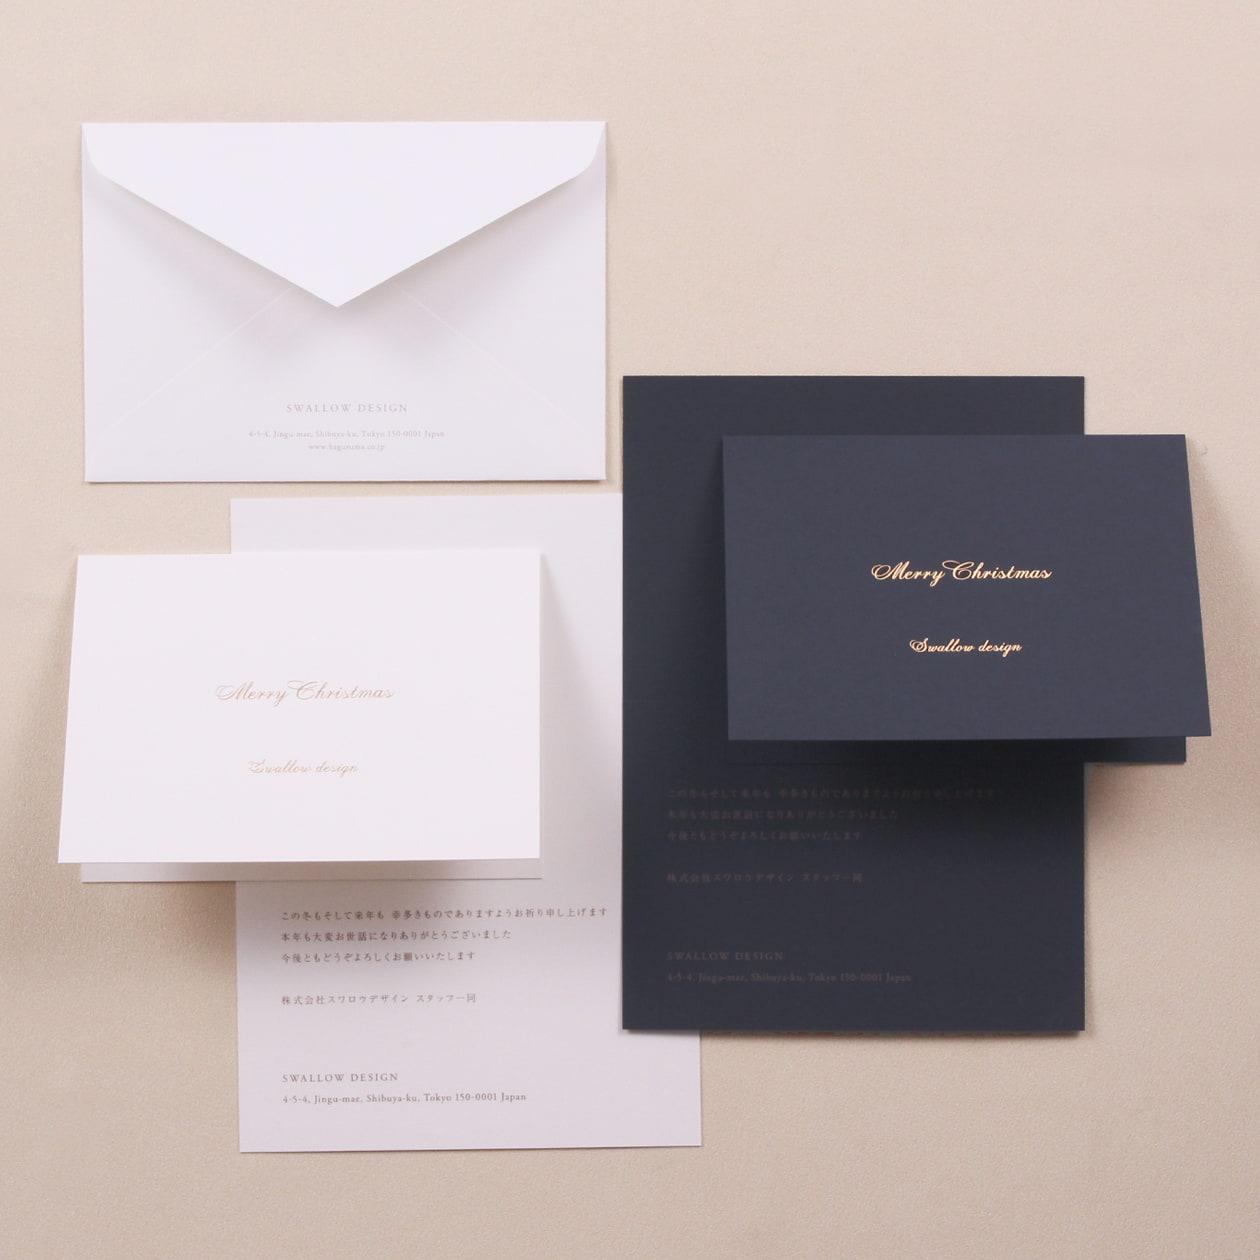 ゴールドの箔押し加工が美しい上品な二つ折カード